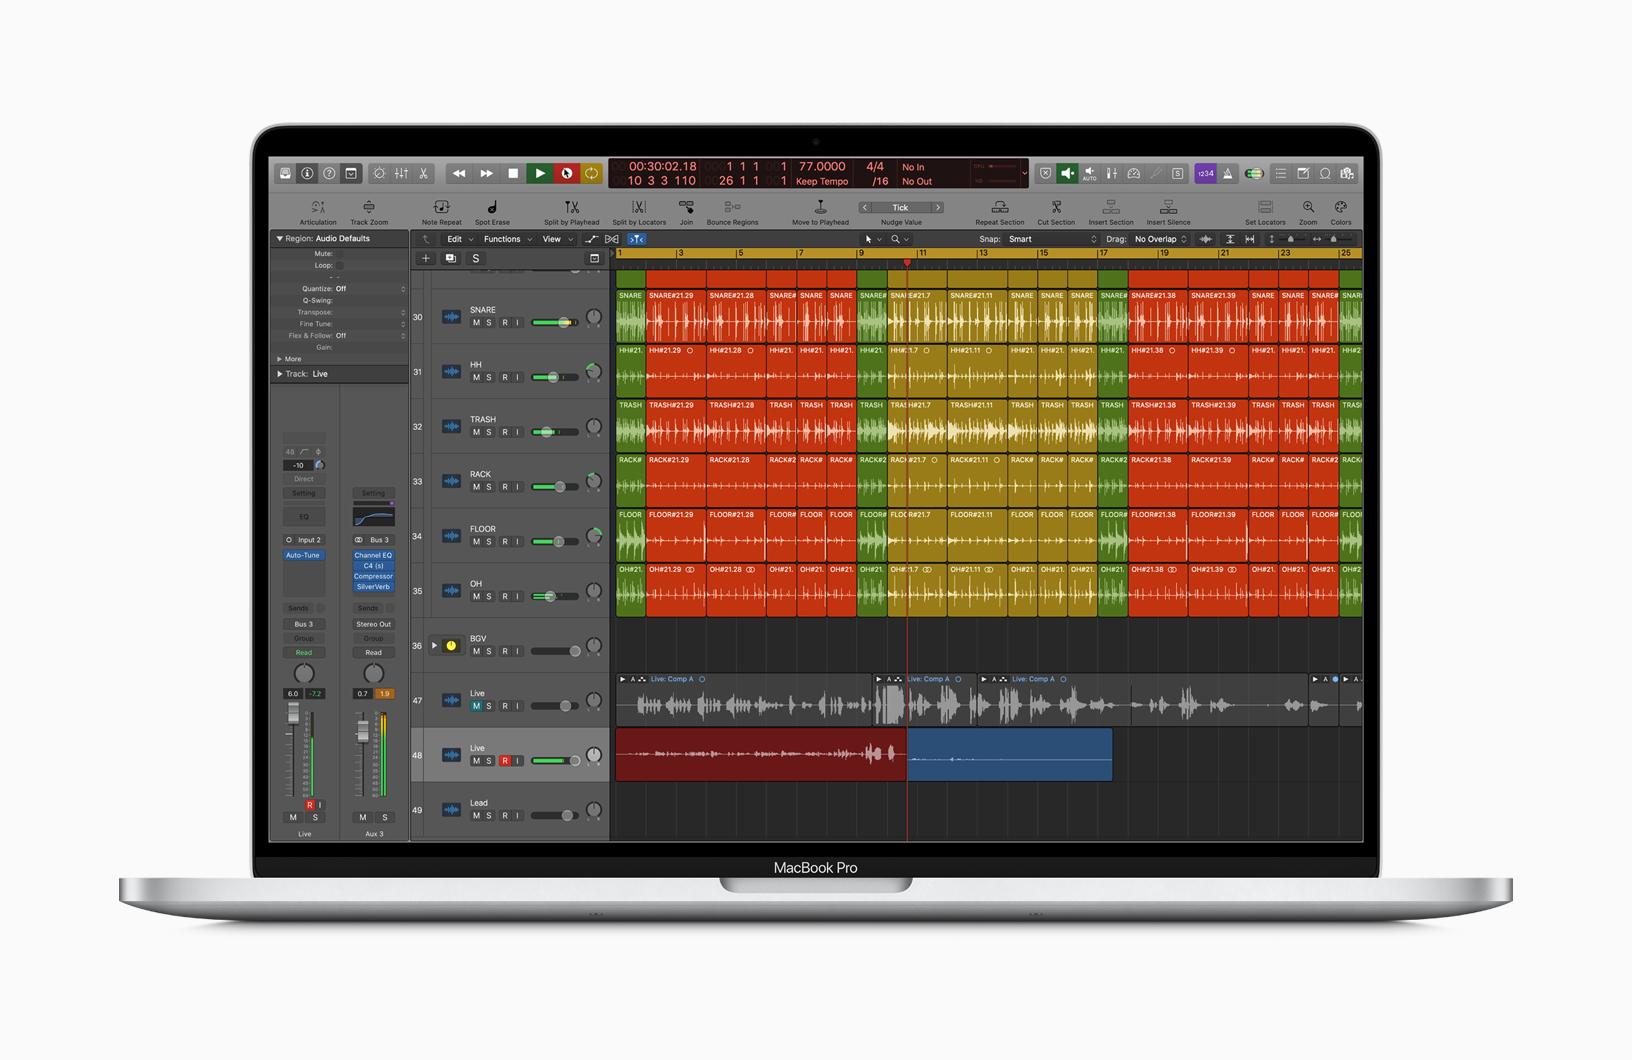 苹果16寸MacBook Pro发布:最高8核i9处理器,64GB内存